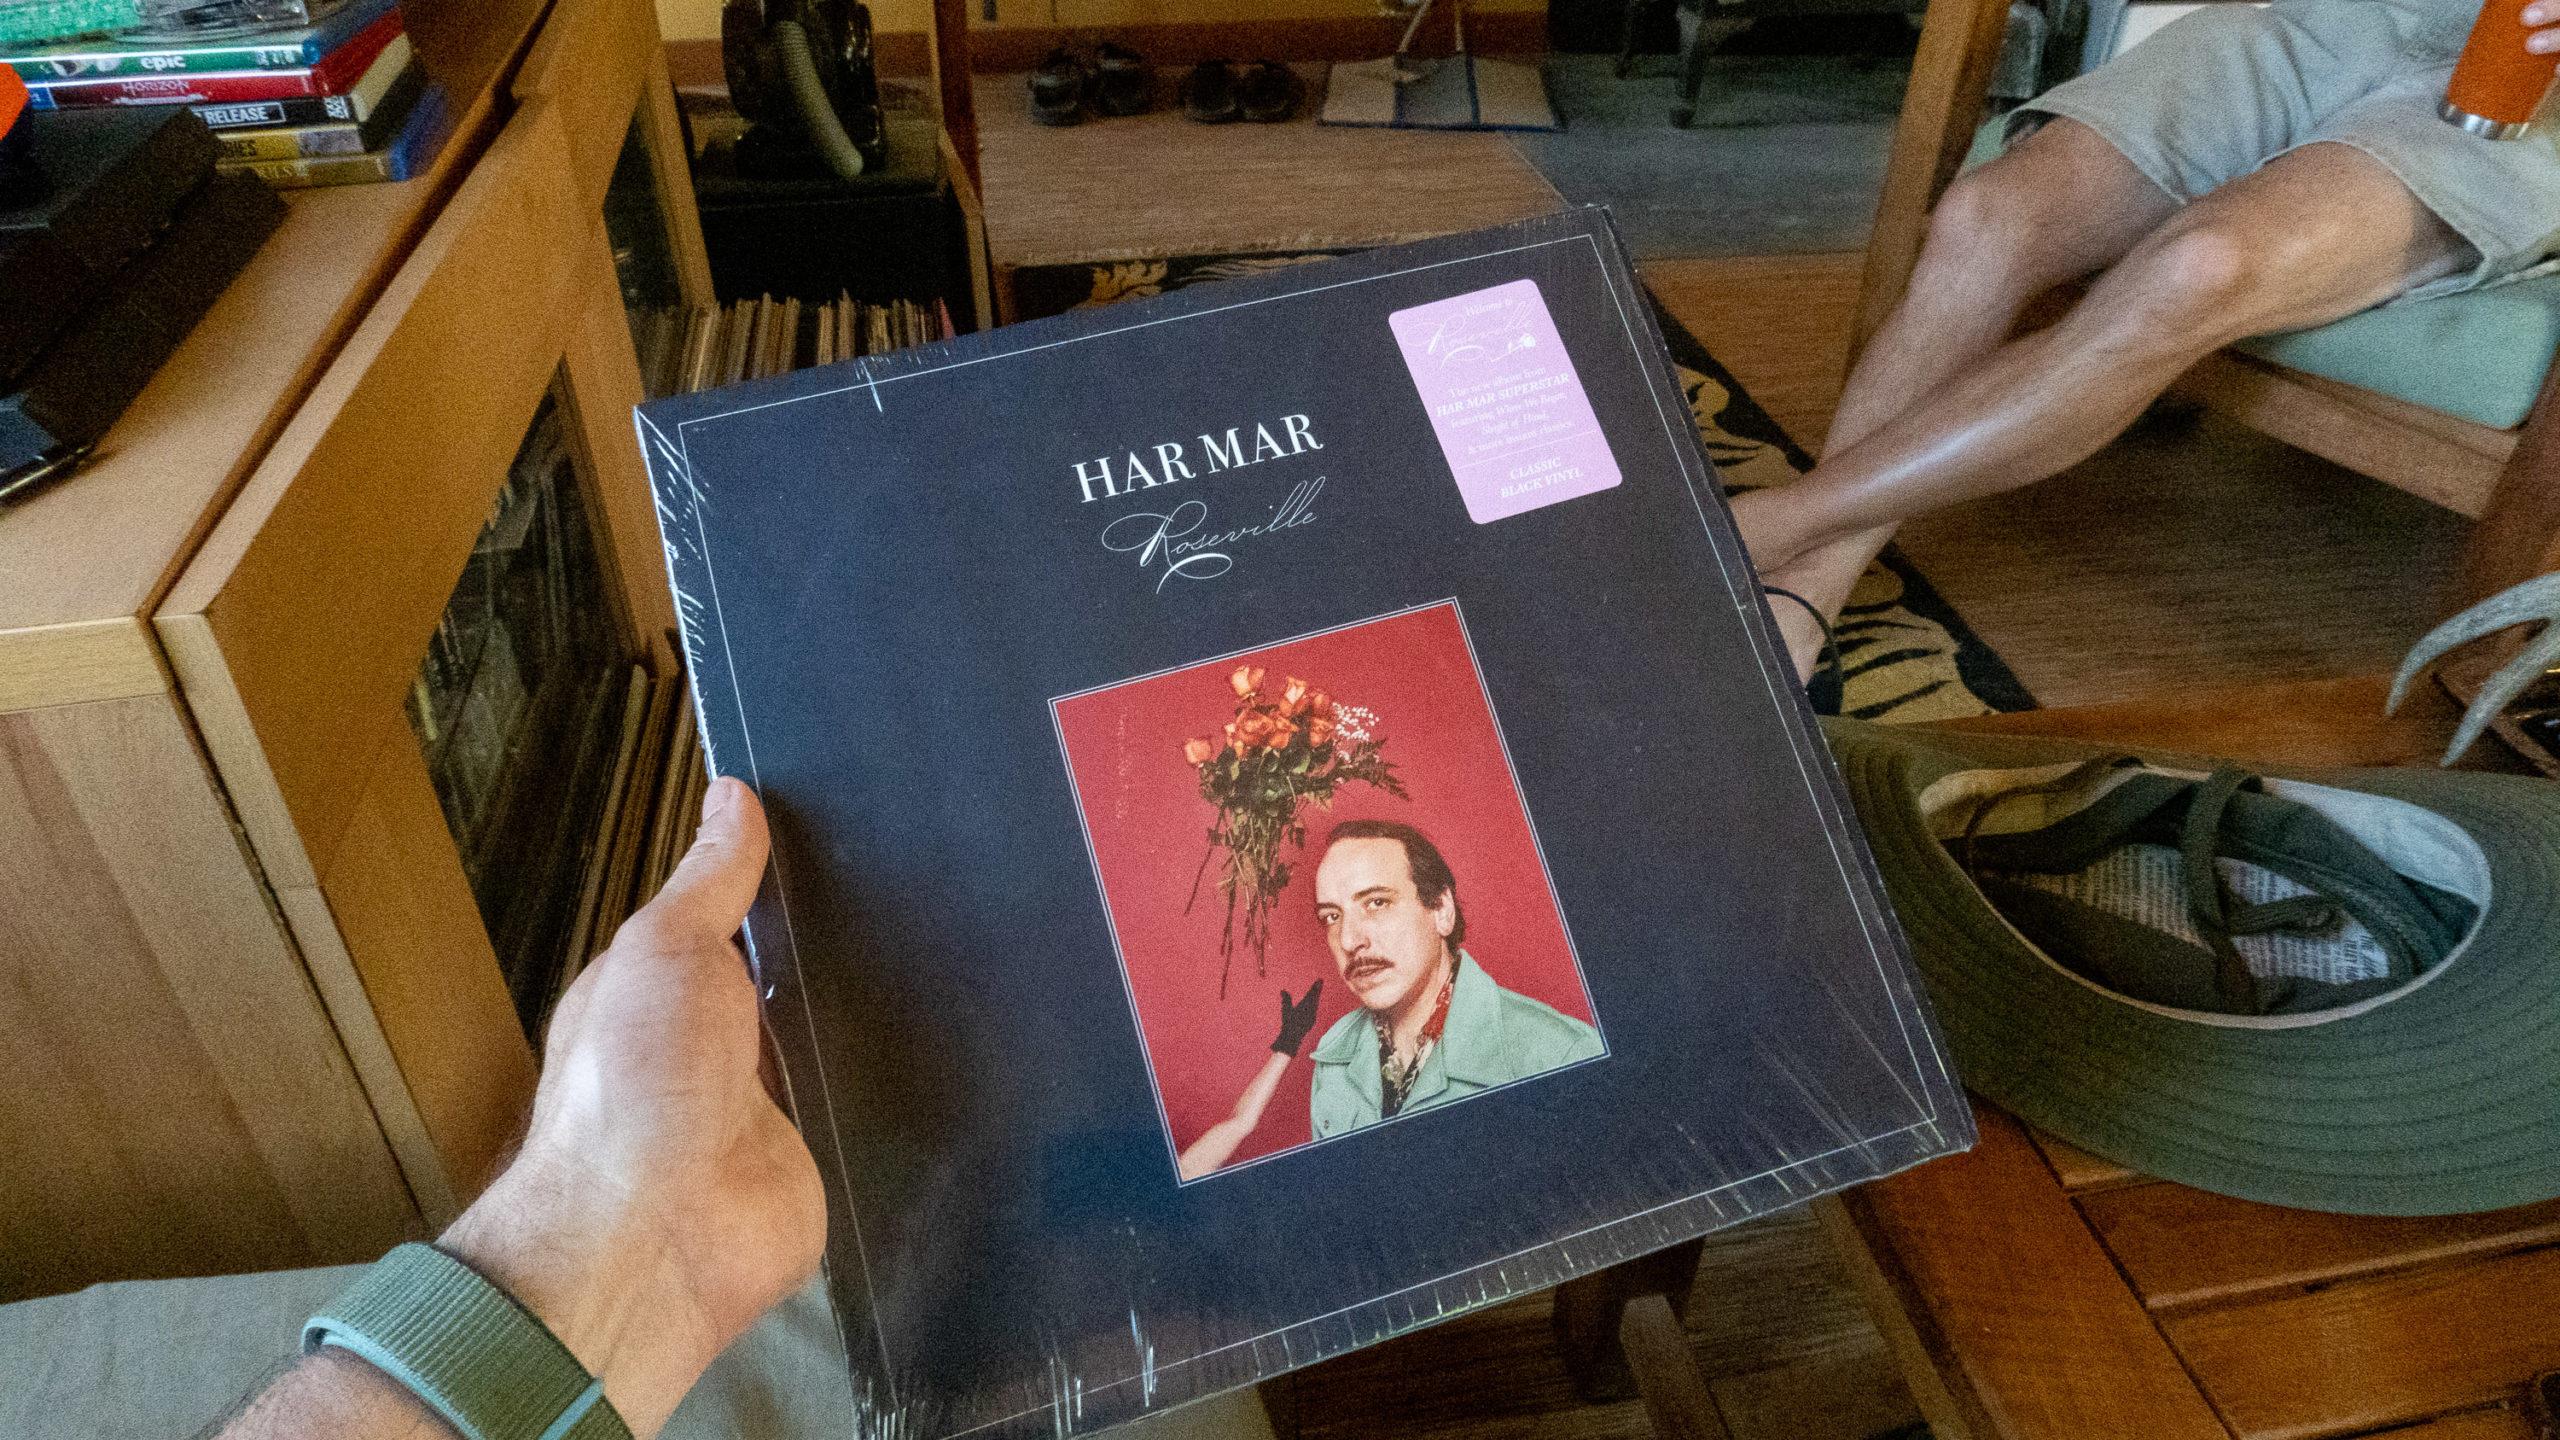 Har Mar Superstar vinyl record